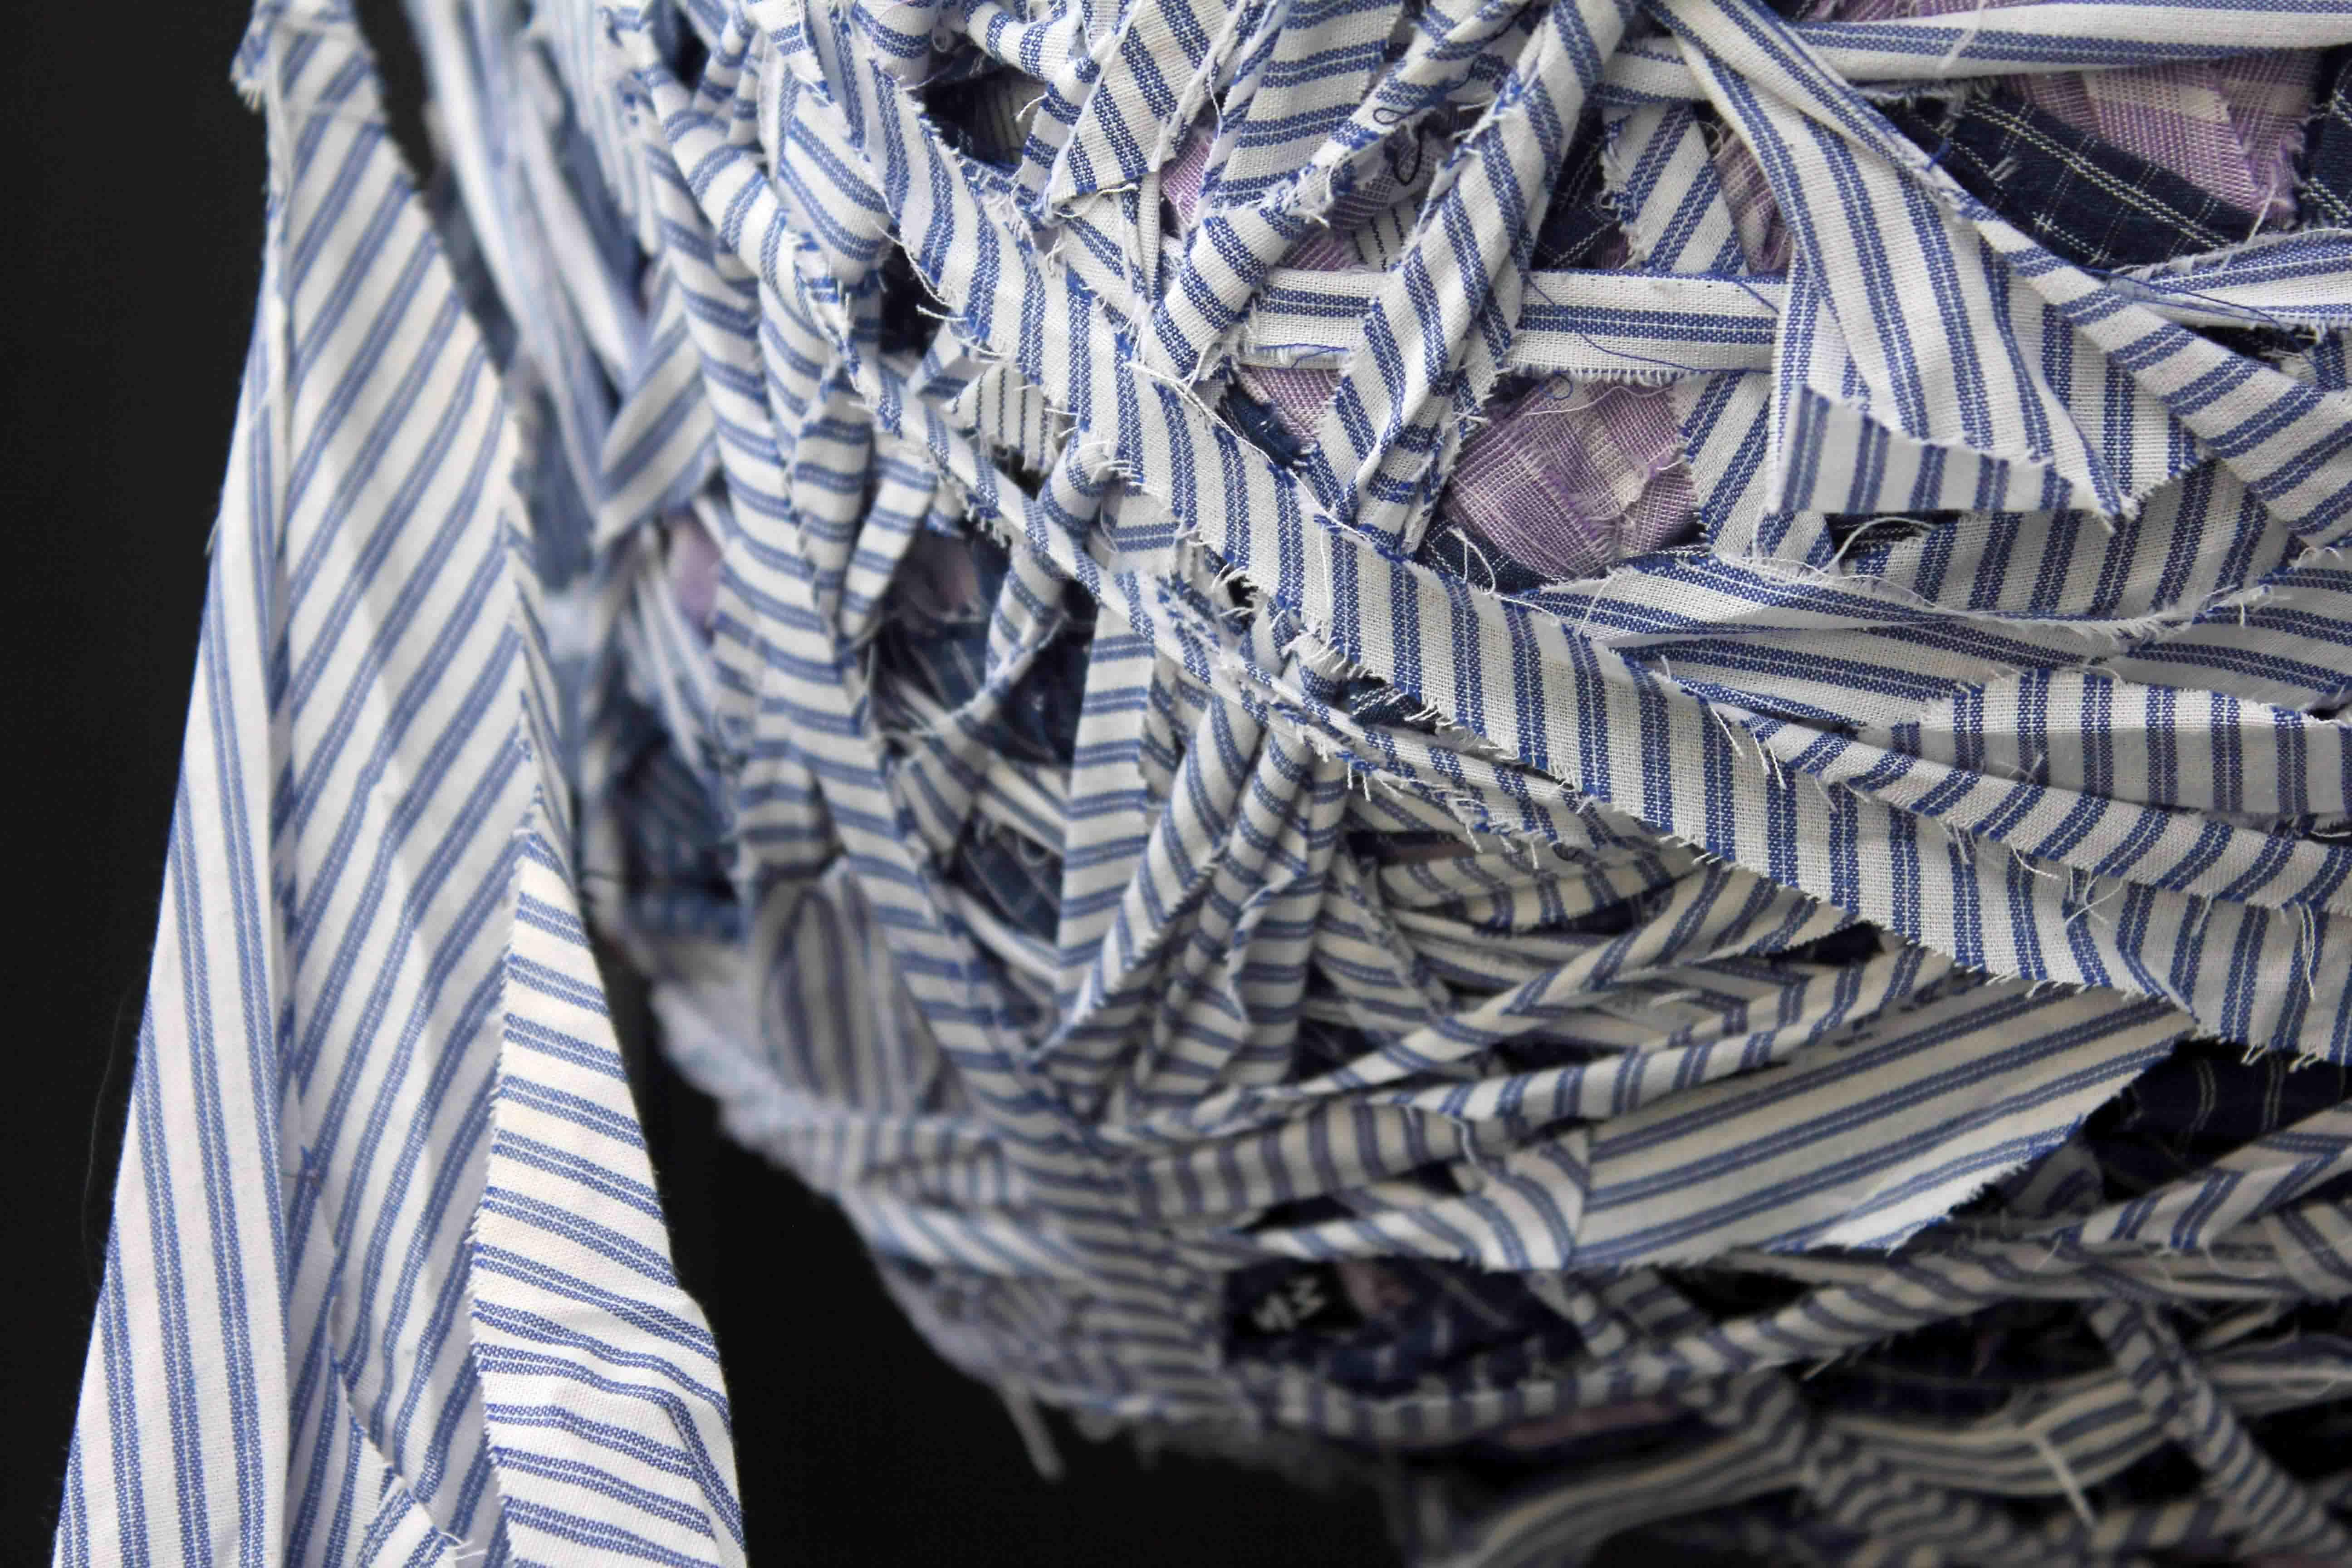 Shirt ball